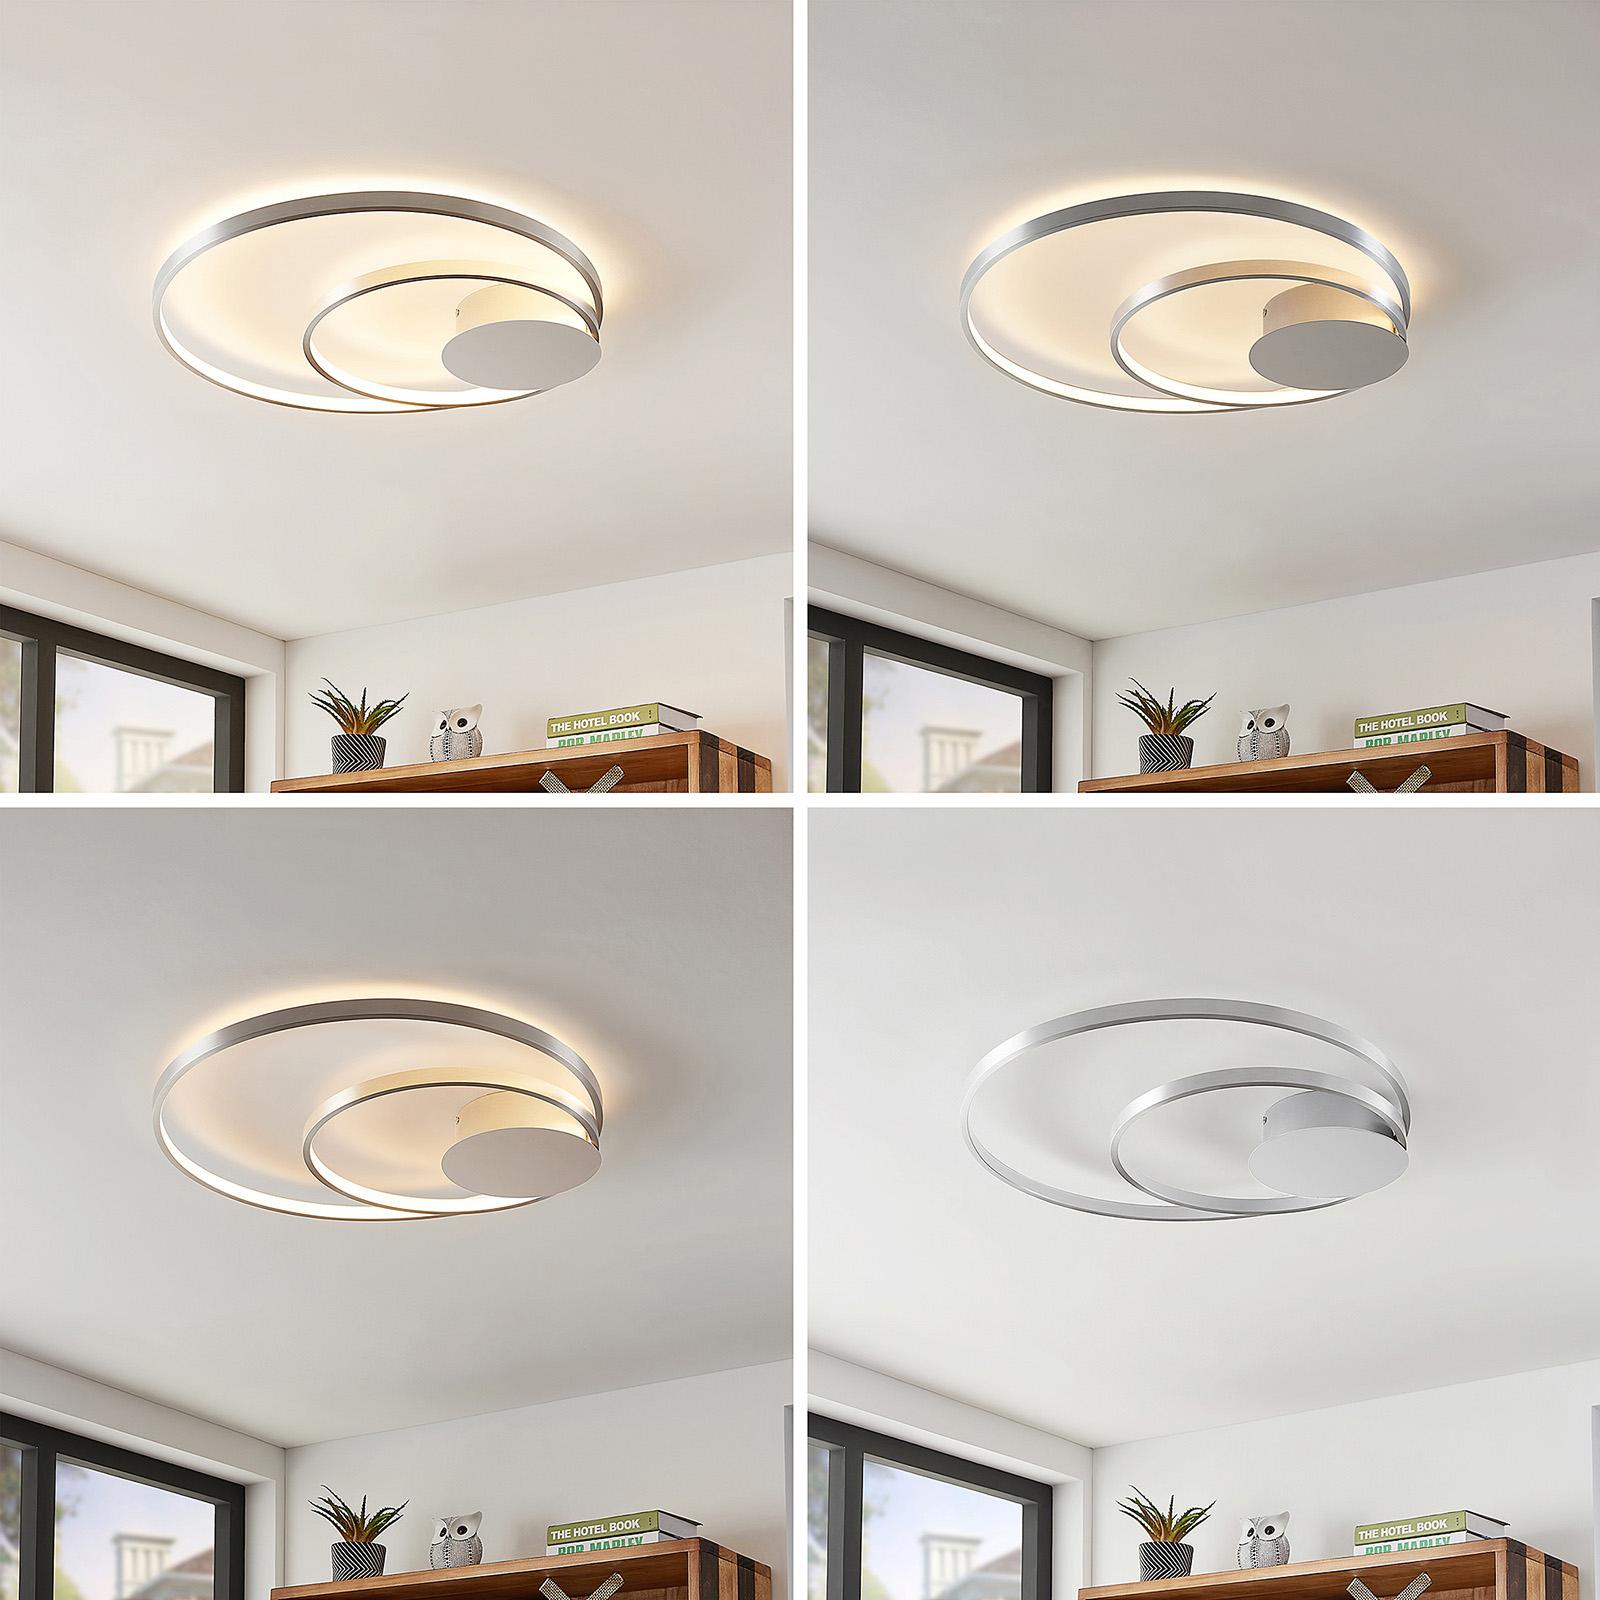 Lindby Nerwin LED-Deckenleuchte, rund, alu/chrom